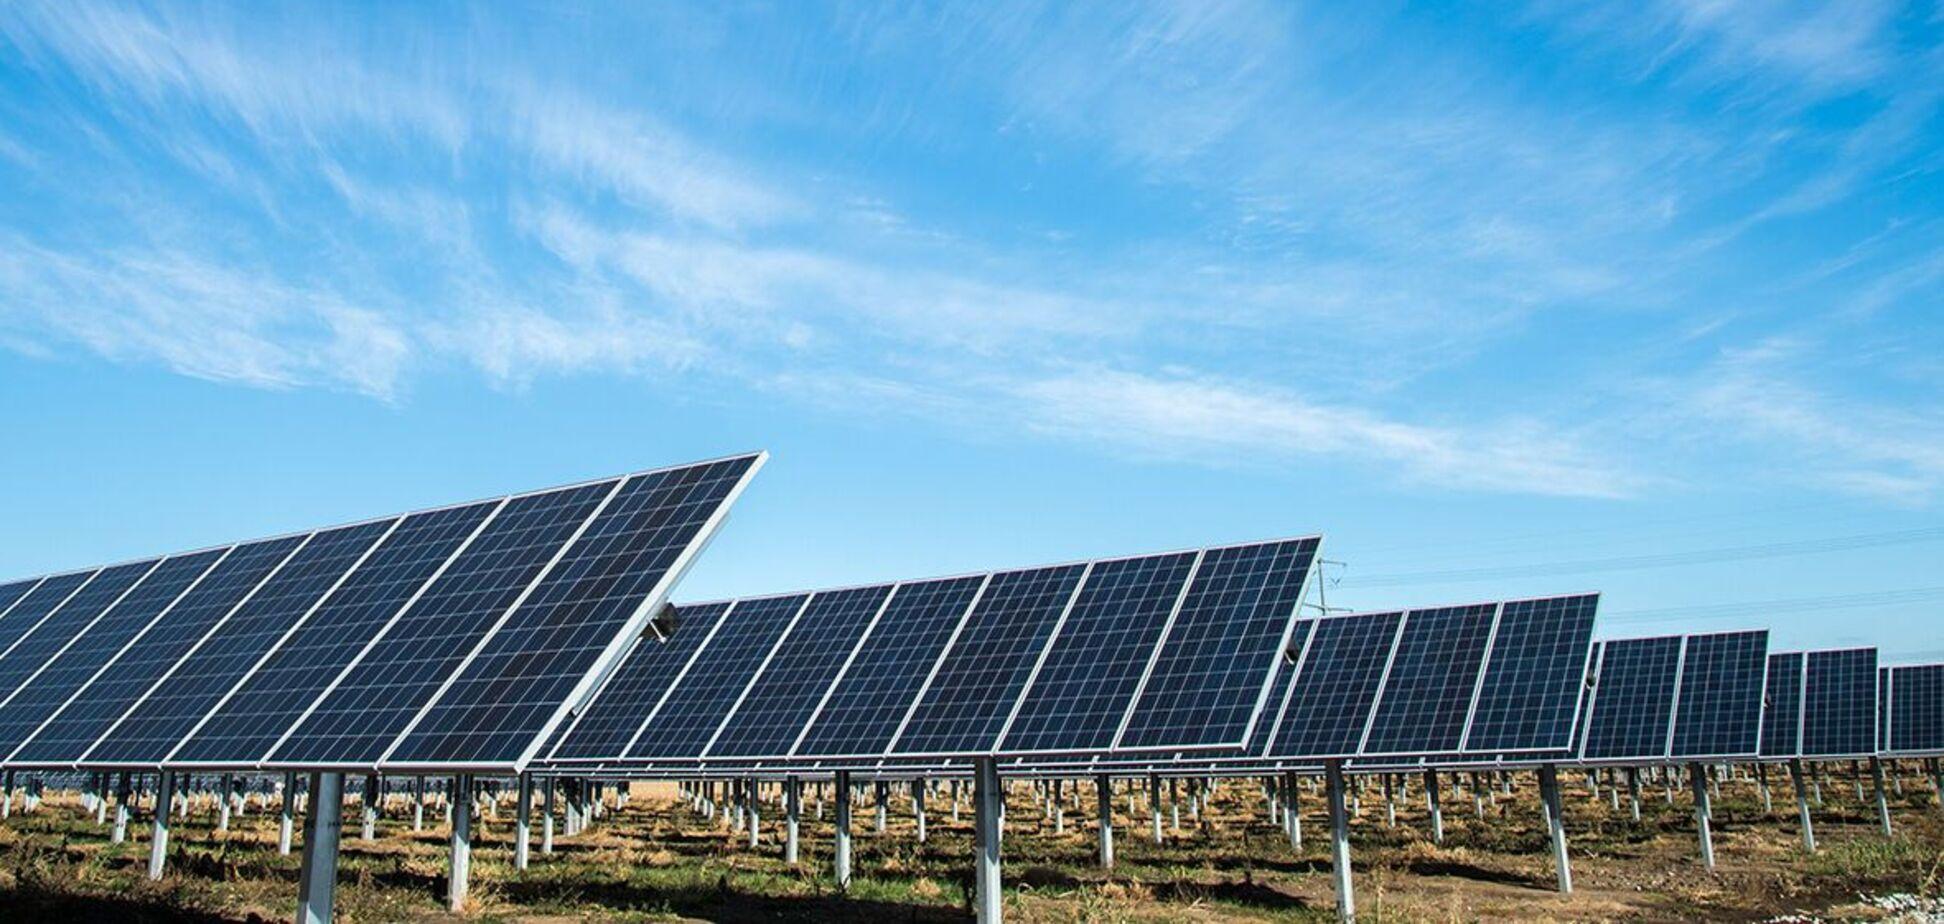 'Зелену' електроенергію в Україні можна купити по 1,6 грн за кВт-год – результати аукціону